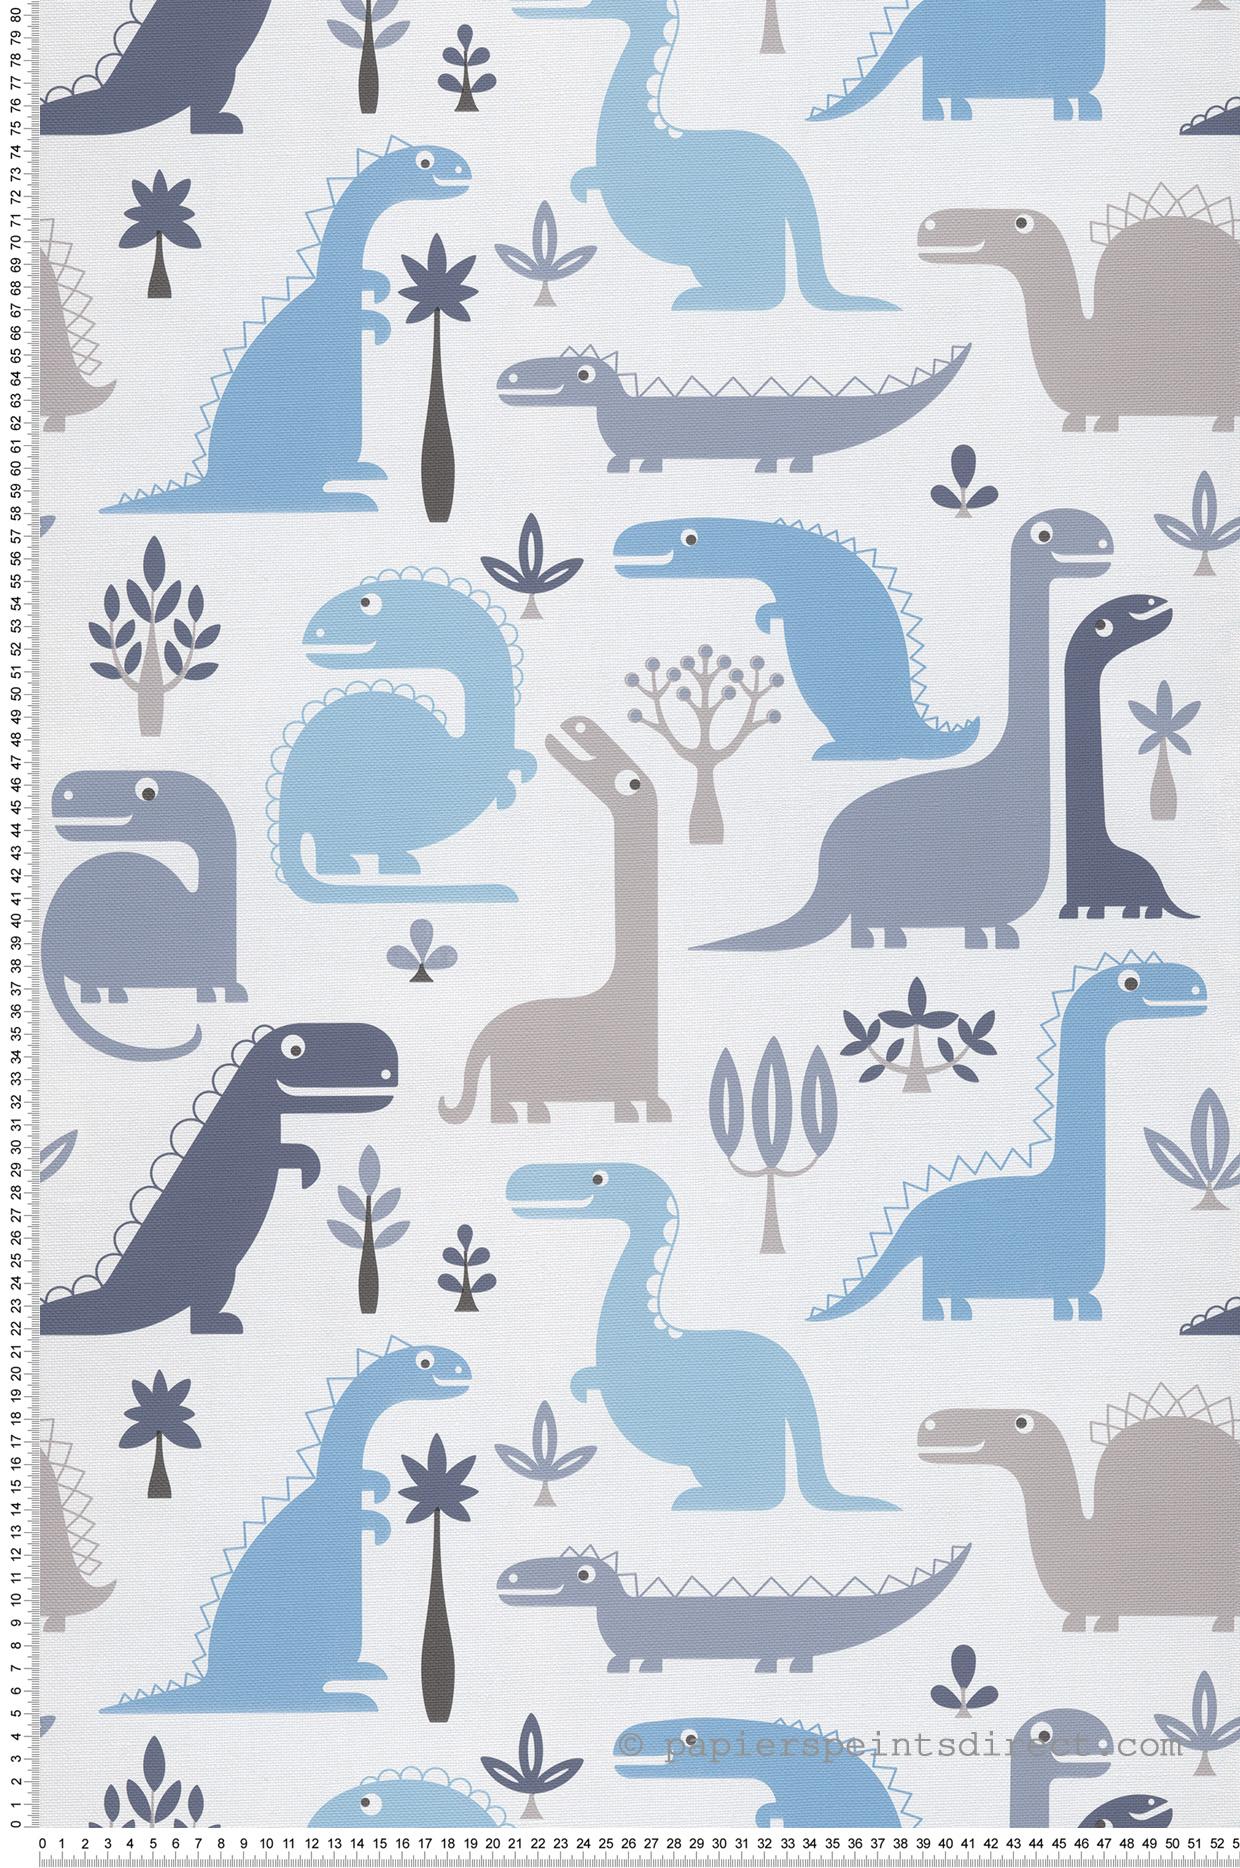 Papier peint enfant Dinaosaures bleu - Jack N Rose 2 de Montecolino   Réf. MC-LL10021